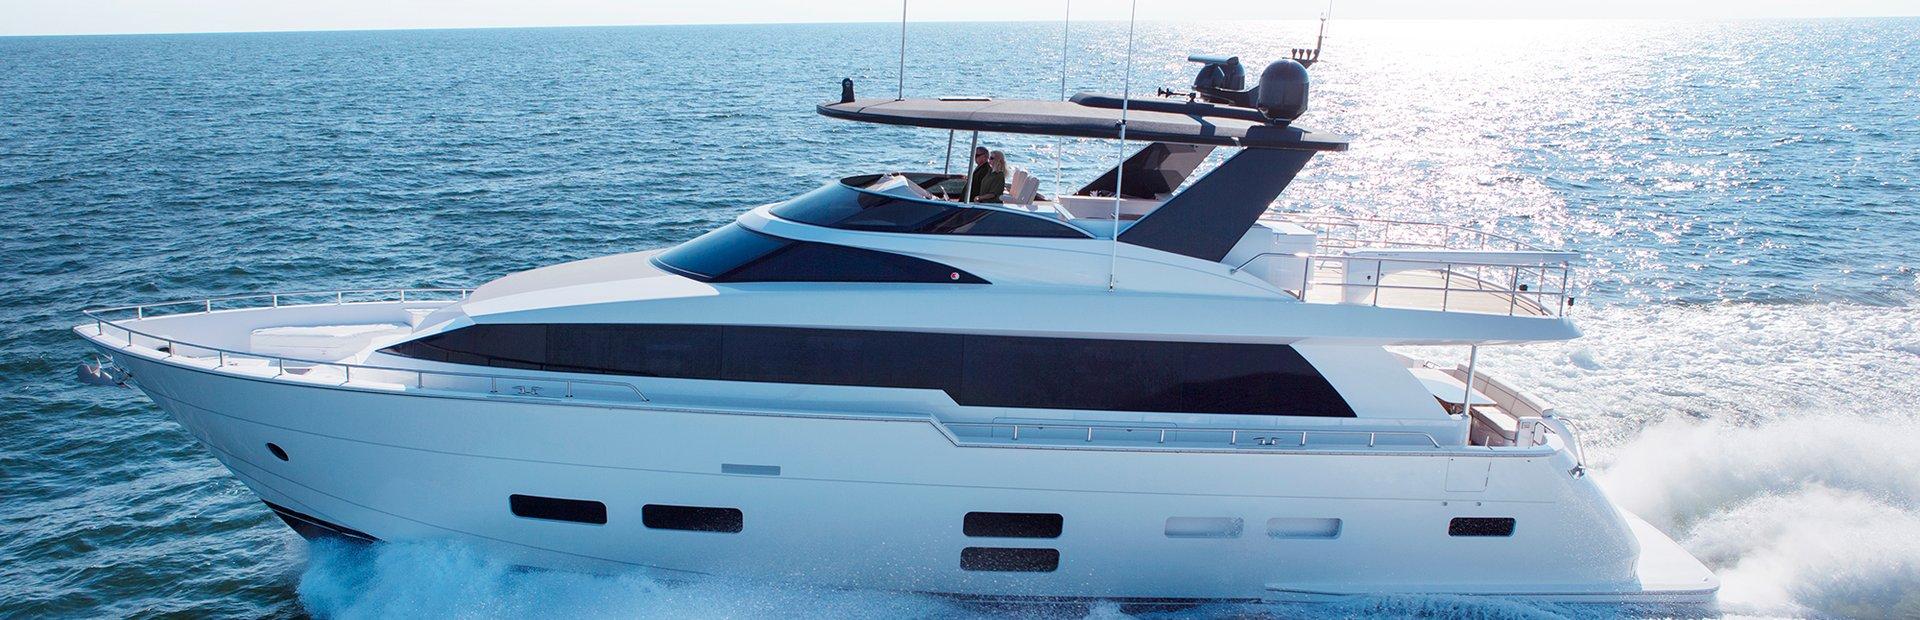 M75 Panacera Yacht Charter